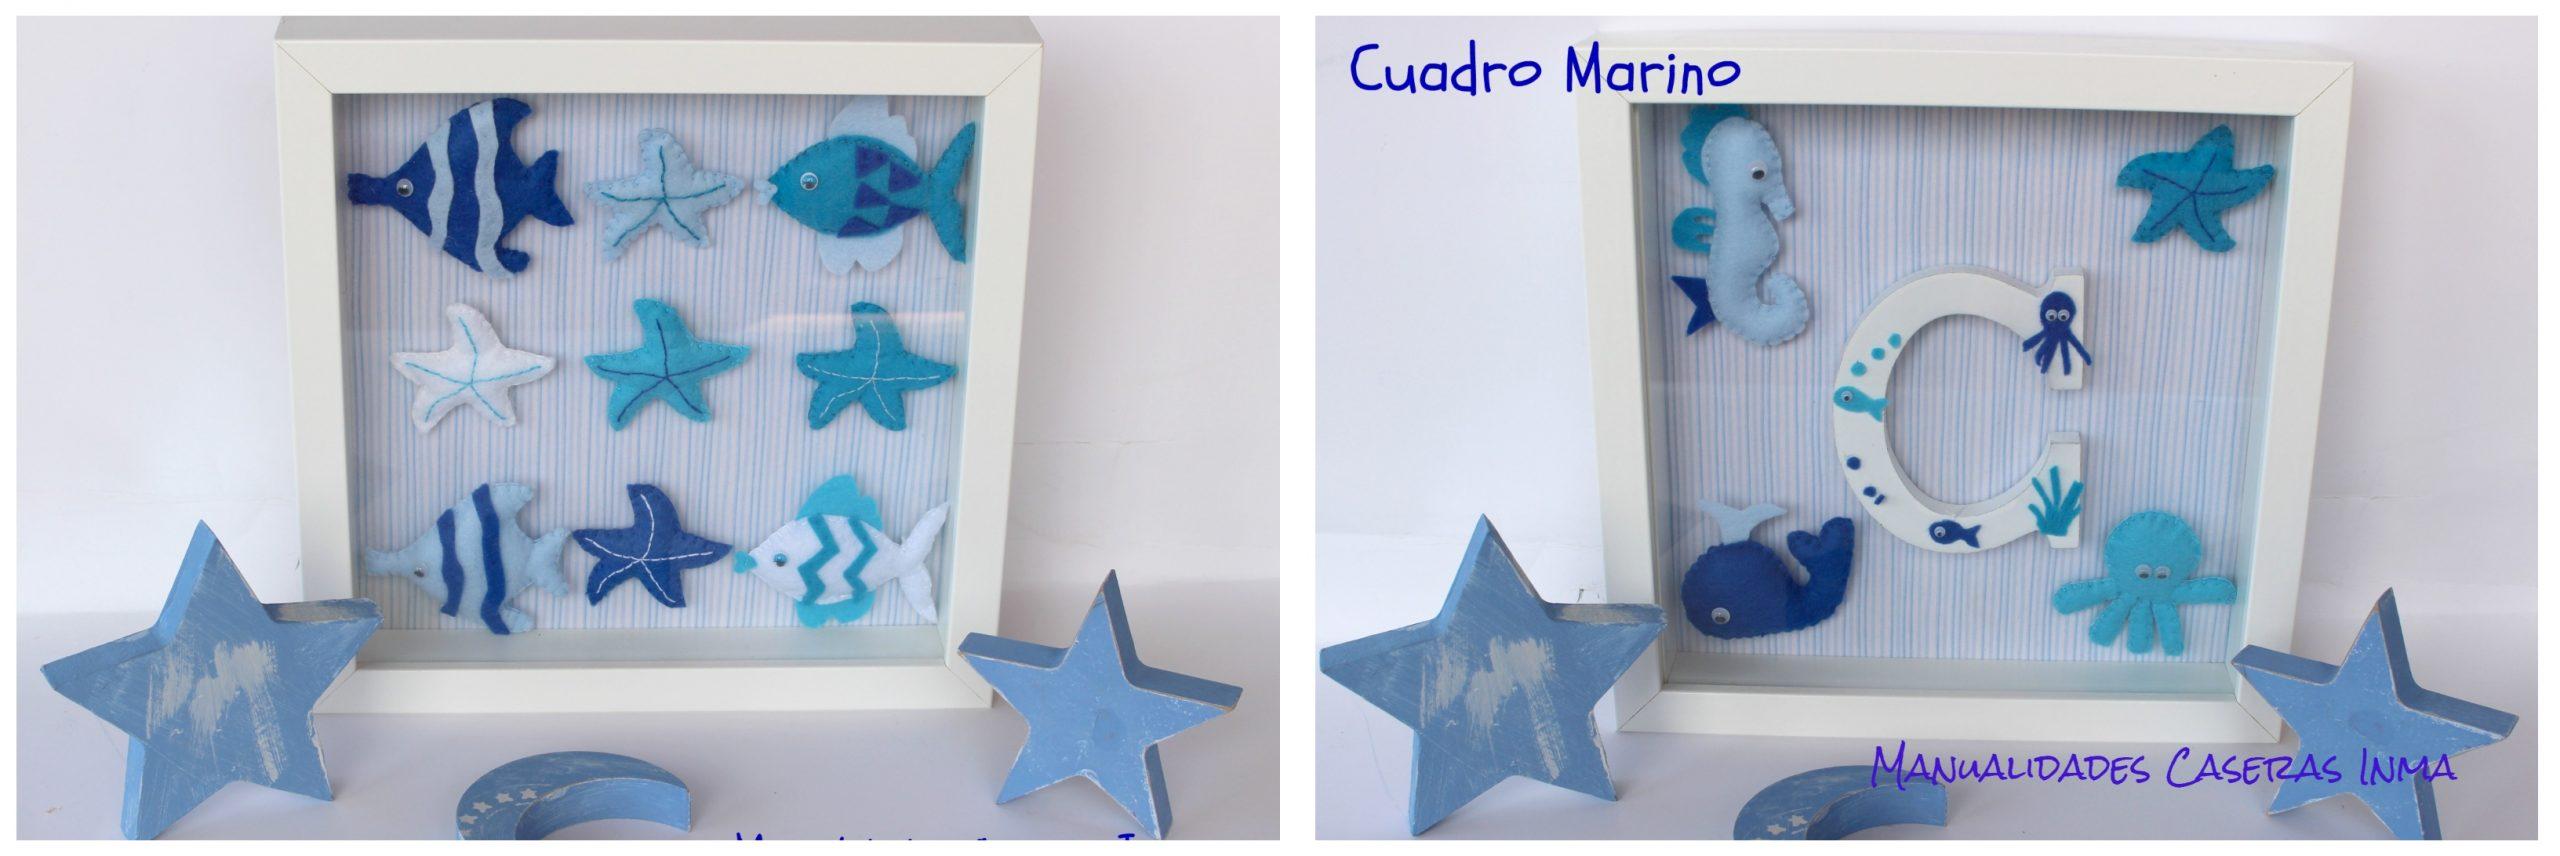 Manualidades Caseras Inma_ Cuadros de animales marinos con fieltro